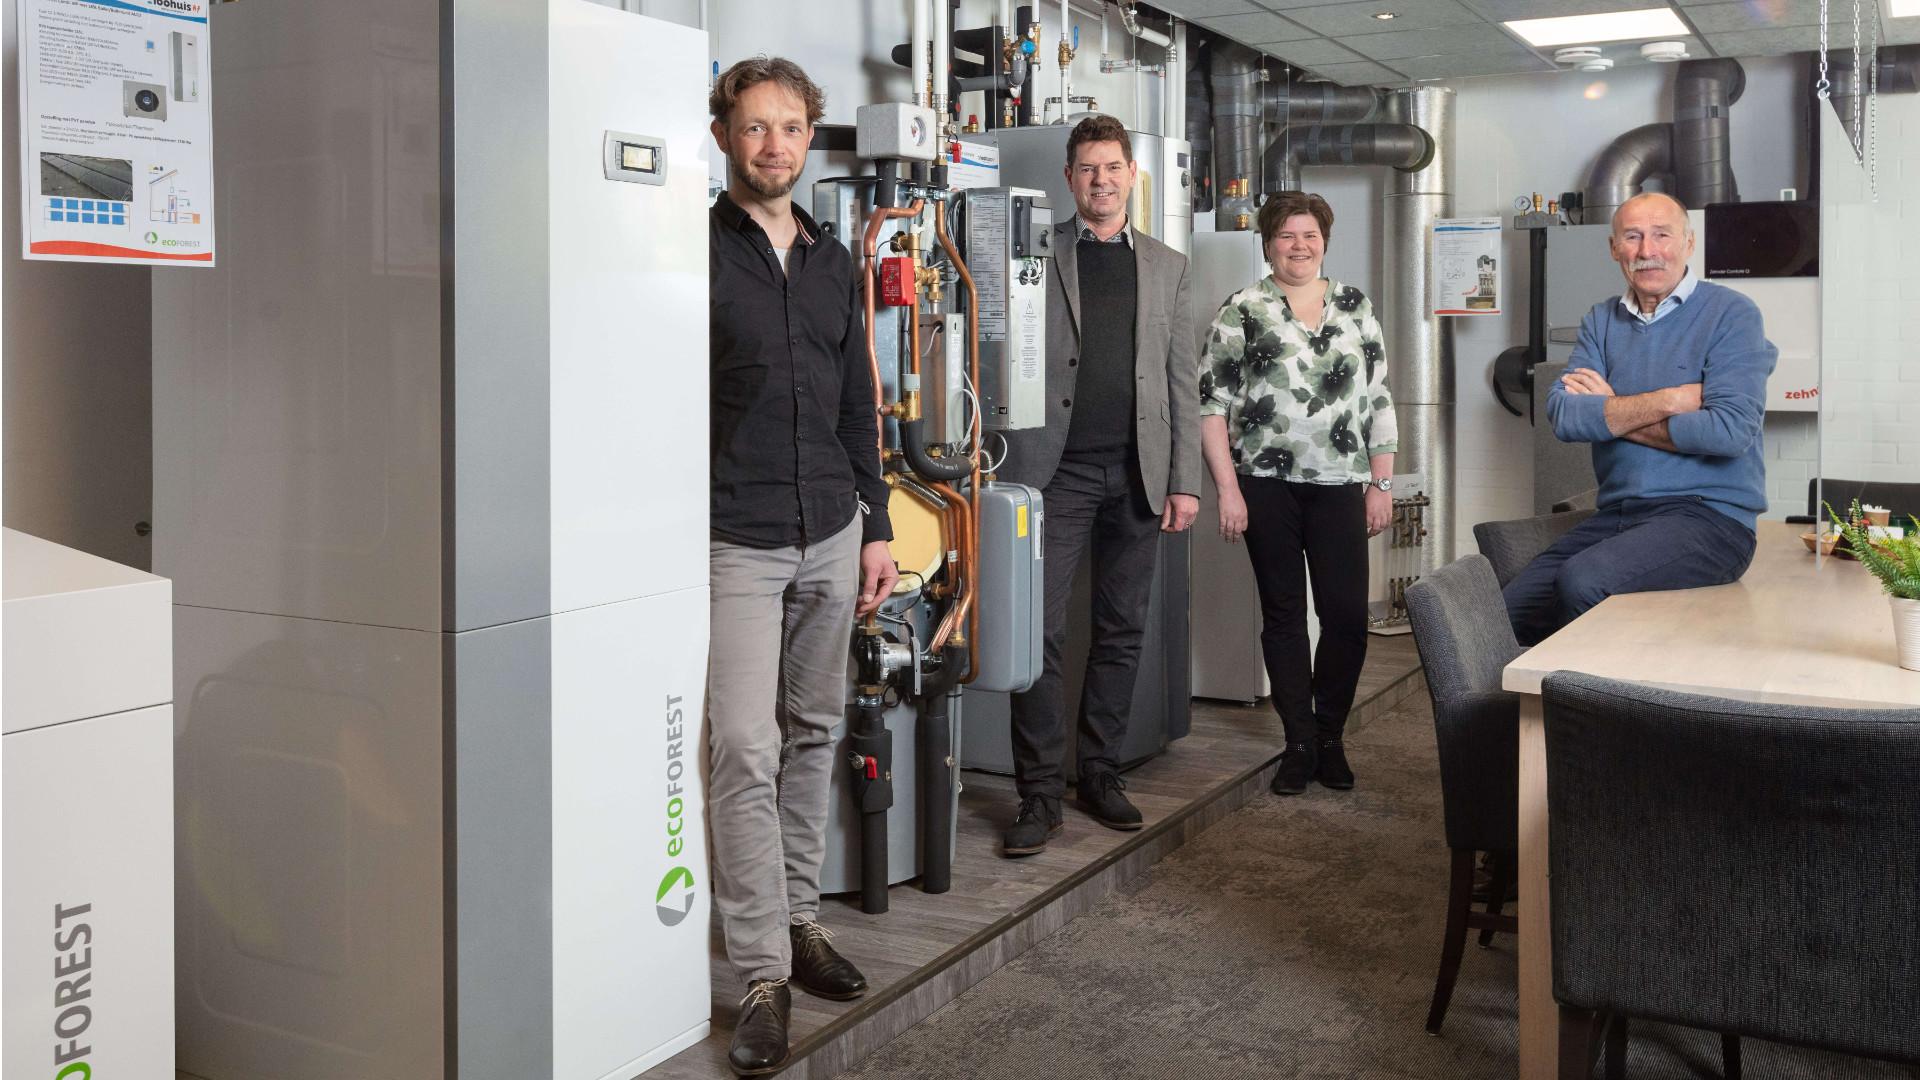 Van links naar rechts: Rik Pape (Projectleider STO Almelo), Ben Kuipers (directeur Loohuis Installatietechnieken), Marleen Peddemors (docent en stagecoördinator scholengemeenschap Canisius) en Herman Braakbuis, kwartiermaker STO Alemlo